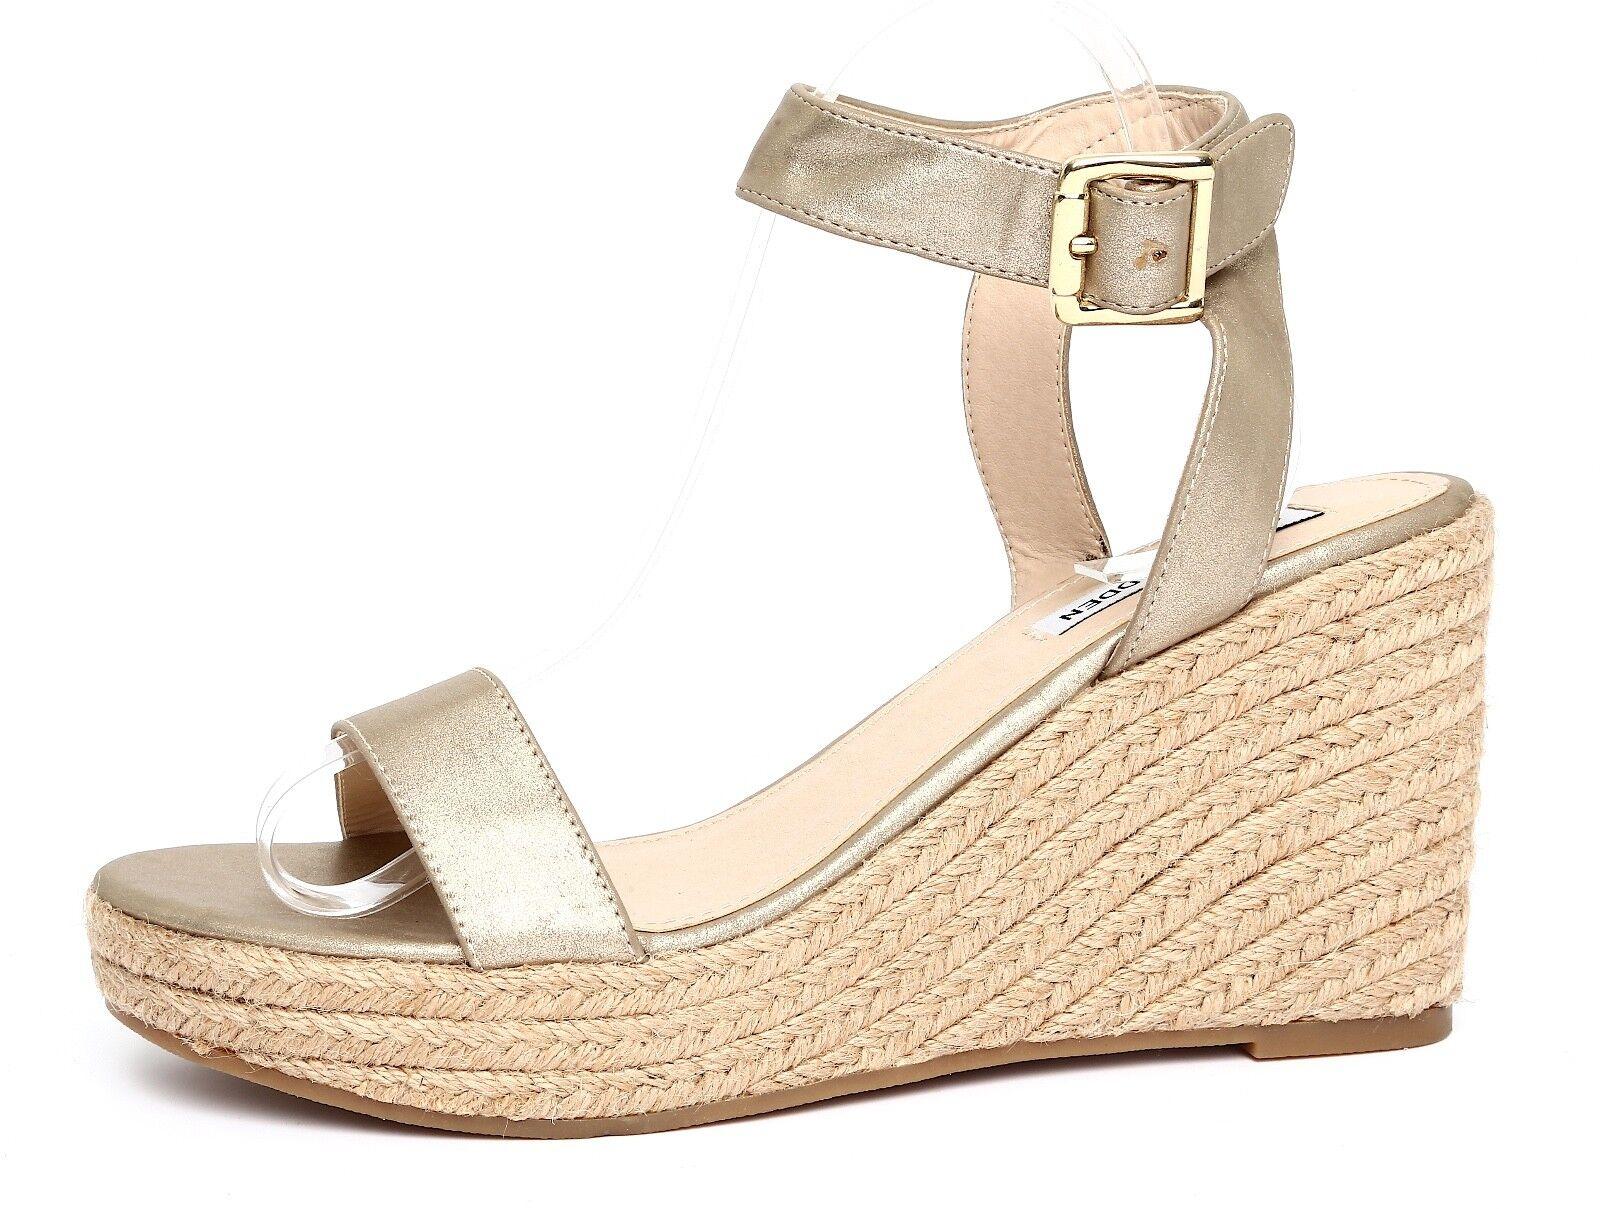 Steve Madden Seaside femmes Metallic or Wedge Sandals Sz 10M 4328